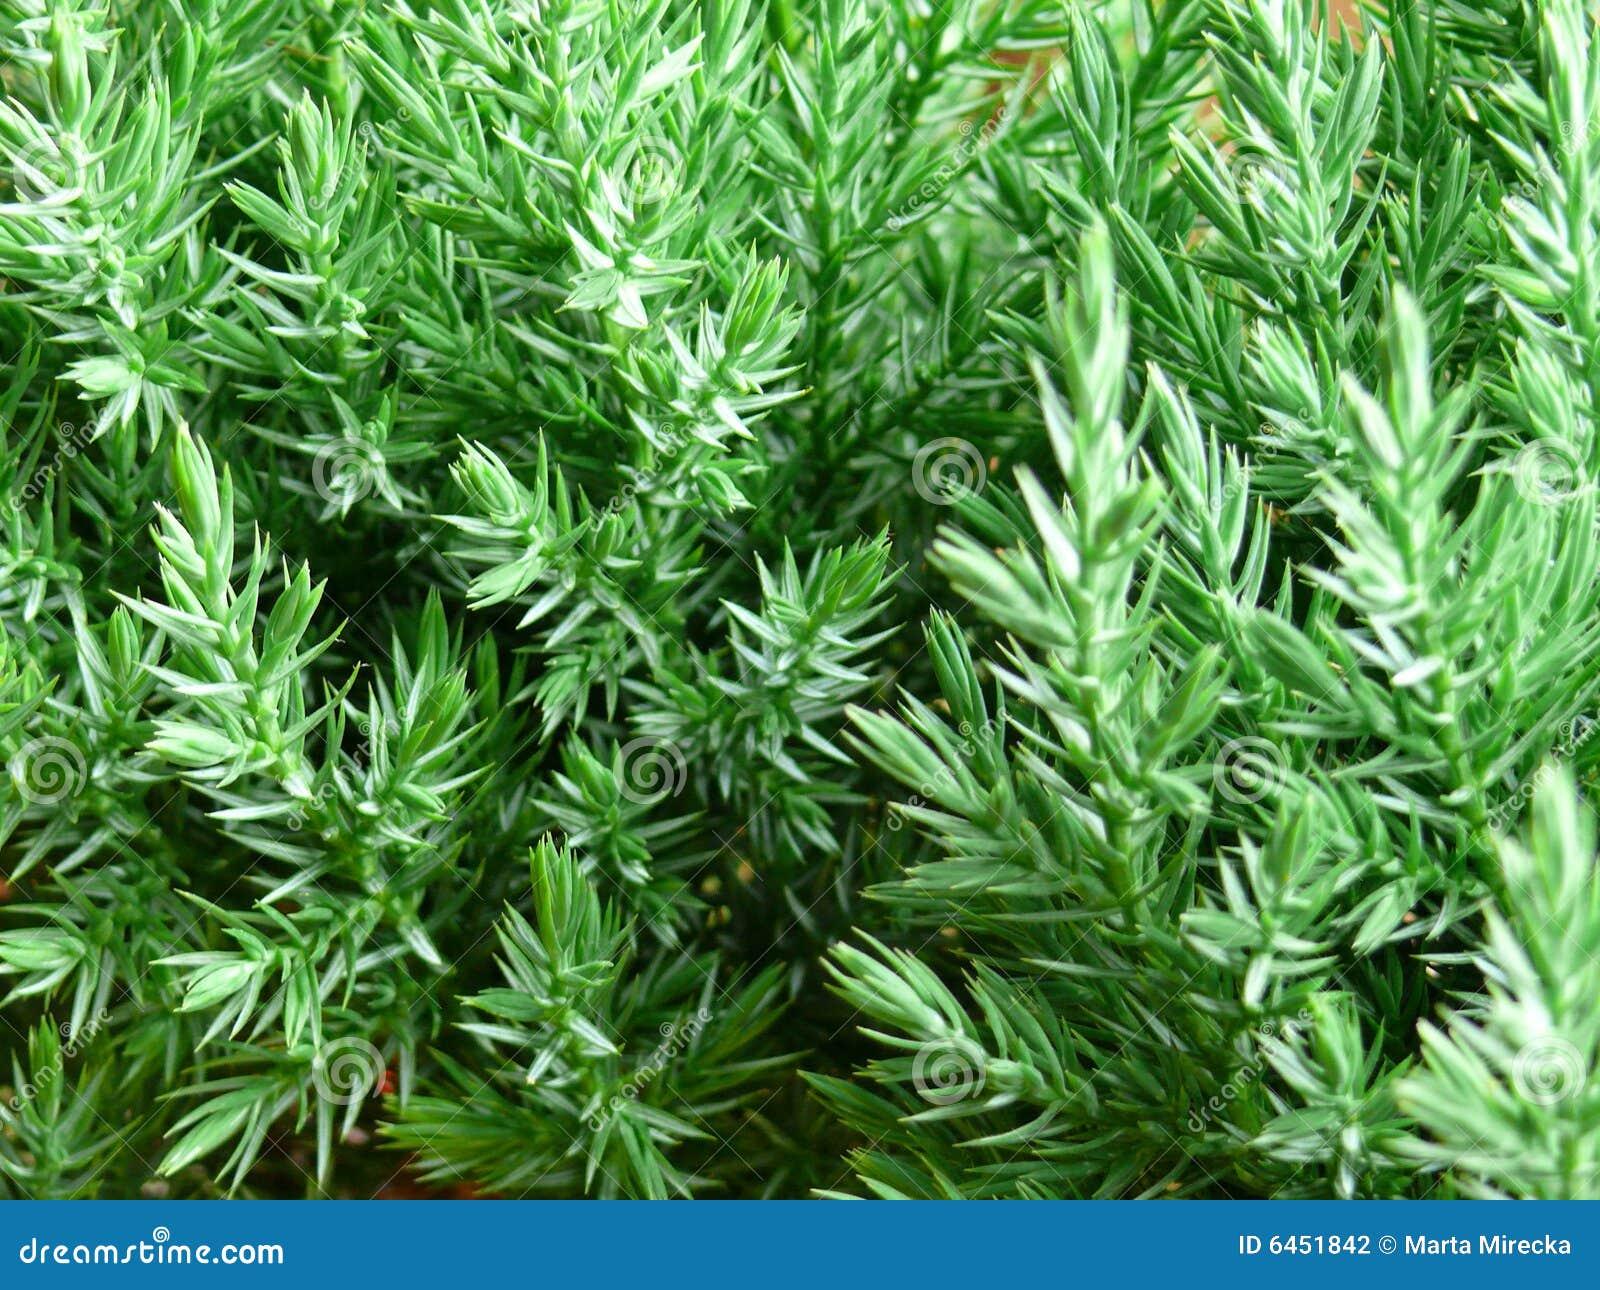 分行新鲜的绿色杉树